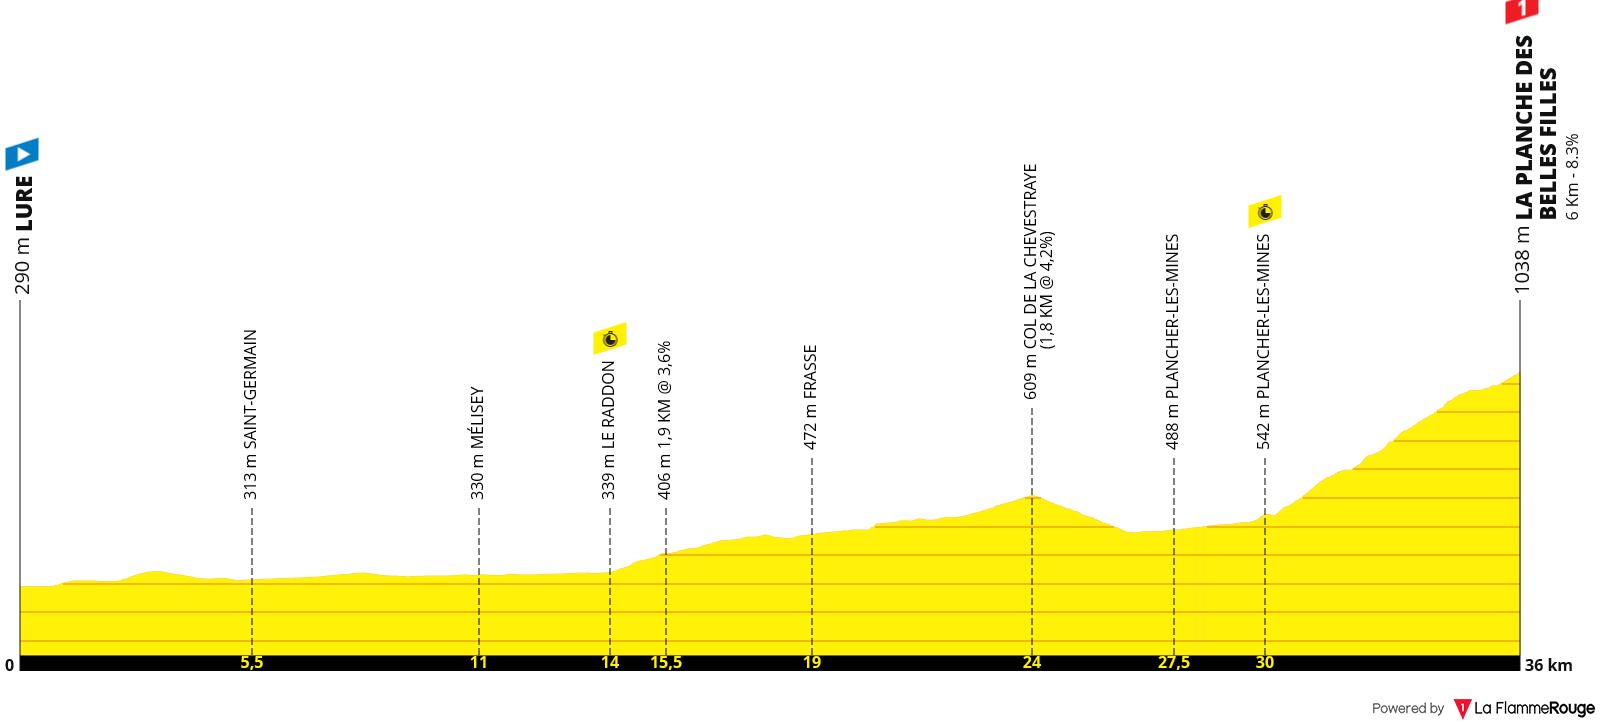 Perfil Etapa 20 - Tour de Francia 2020 - Contrareloj CRI | Lure > La Planche des Belles Filles